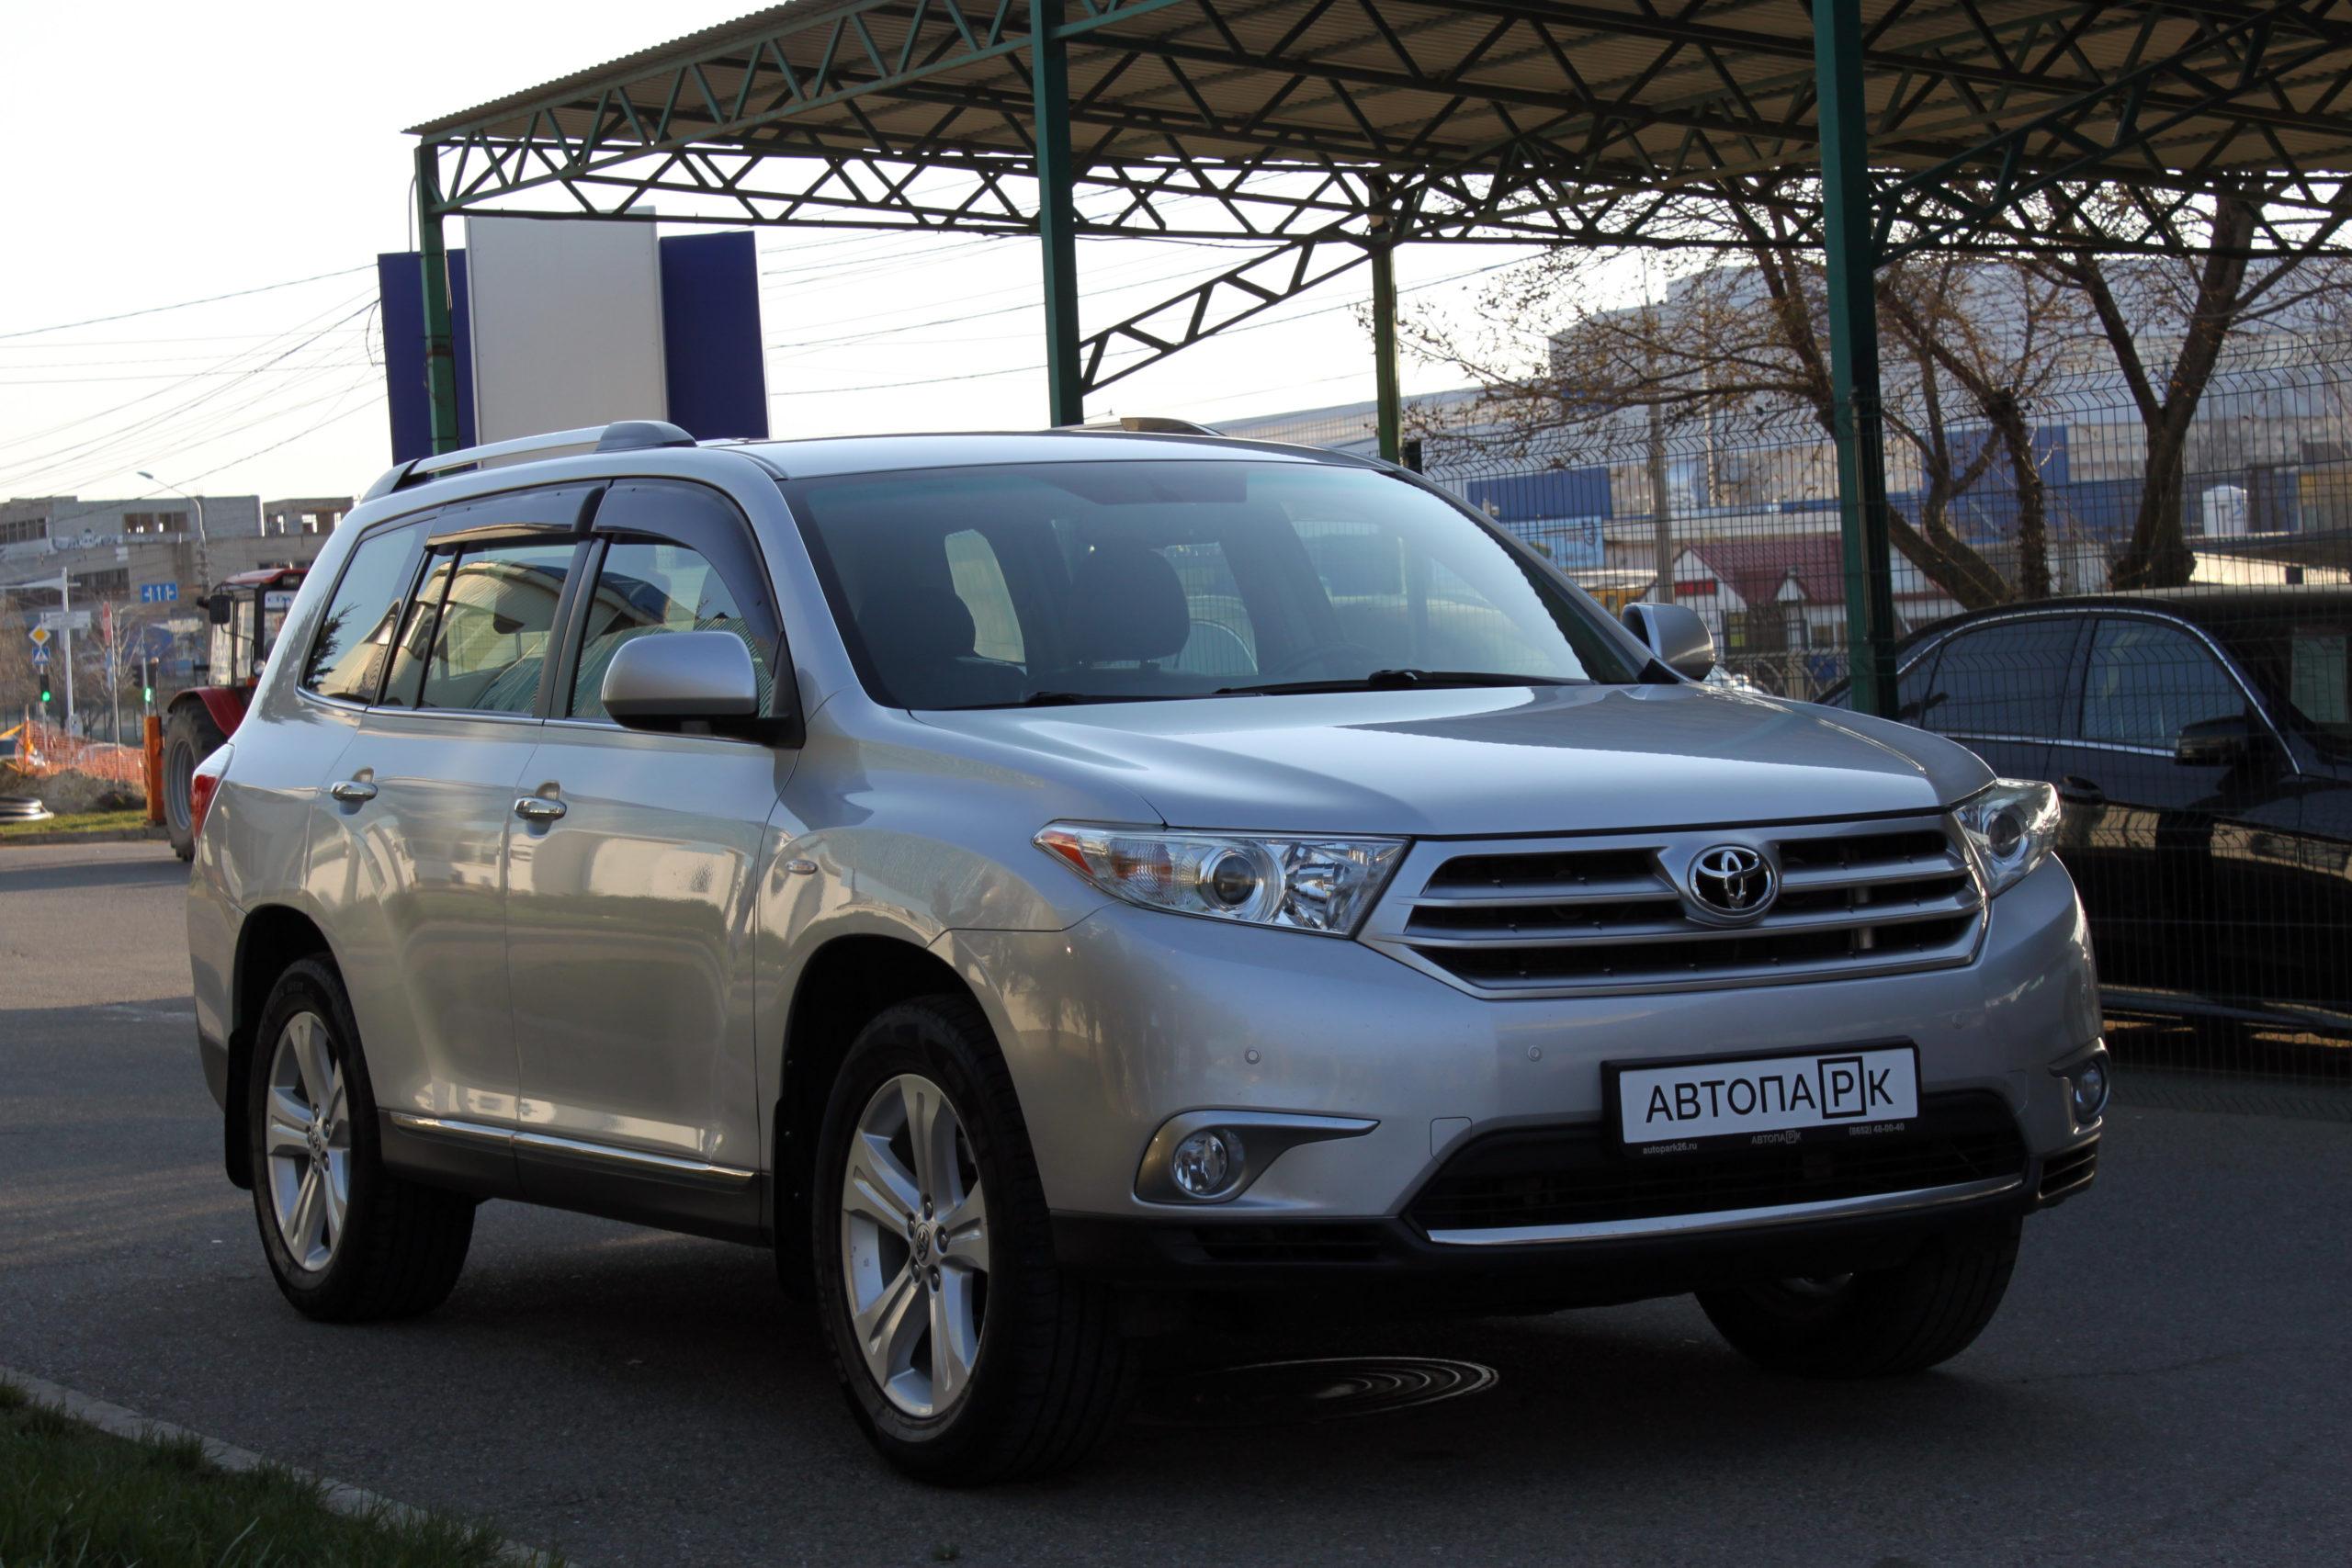 Купить Toyota Highlander (Серебристый ) - Автопарк Ставрополь